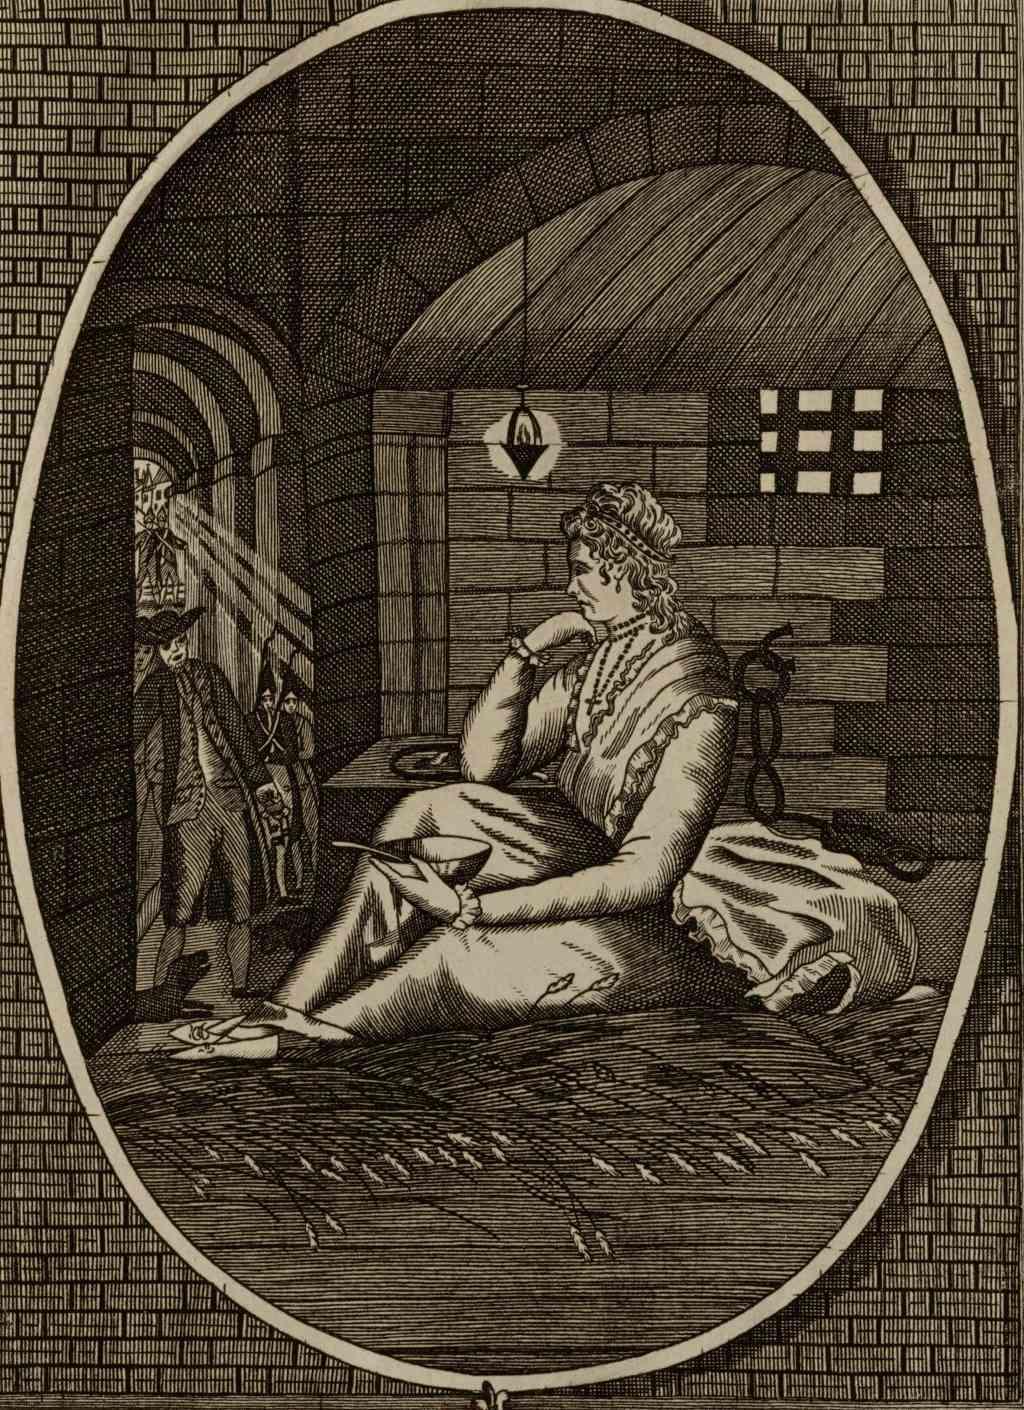 La Conciergerie : Marie-Antoinette dans sa cellule. - Page 3 Temple12